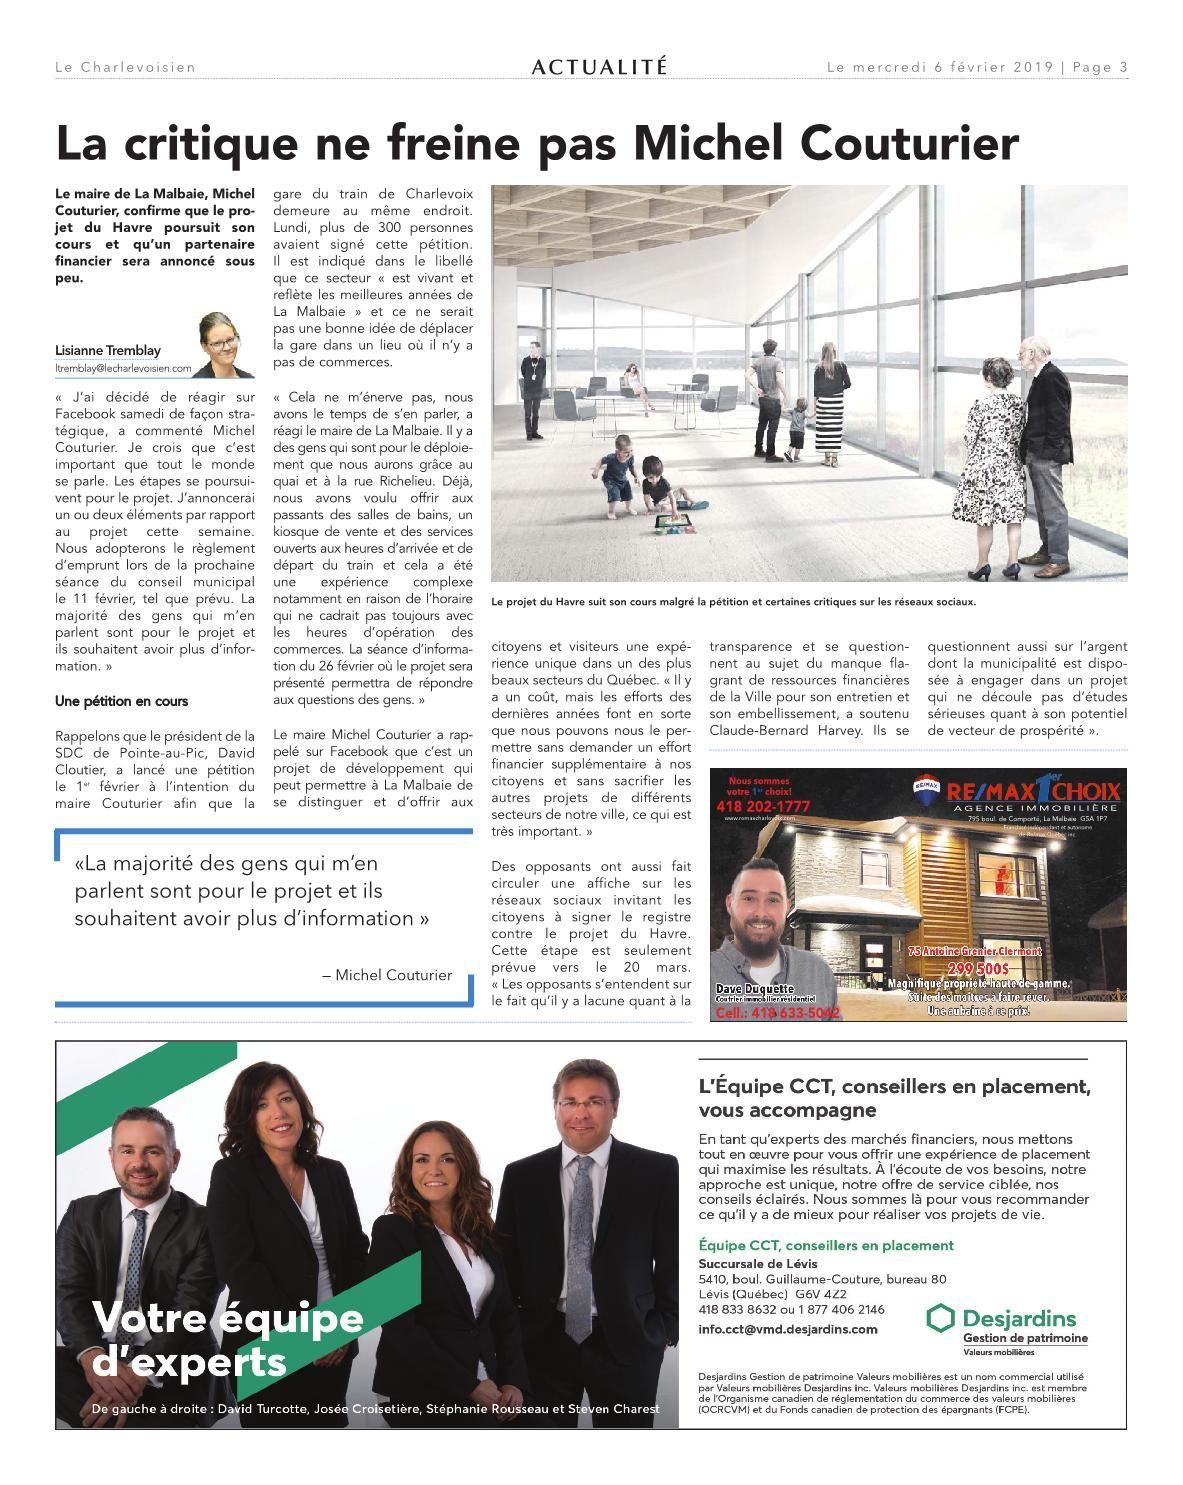 Tarif Entretien Jardin Auto Entrepreneur Inspirant Le Charlevoisien 6 Février 2019 Pages 1 40 Text Version Of 72 Unique Tarif Entretien Jardin Auto Entrepreneur